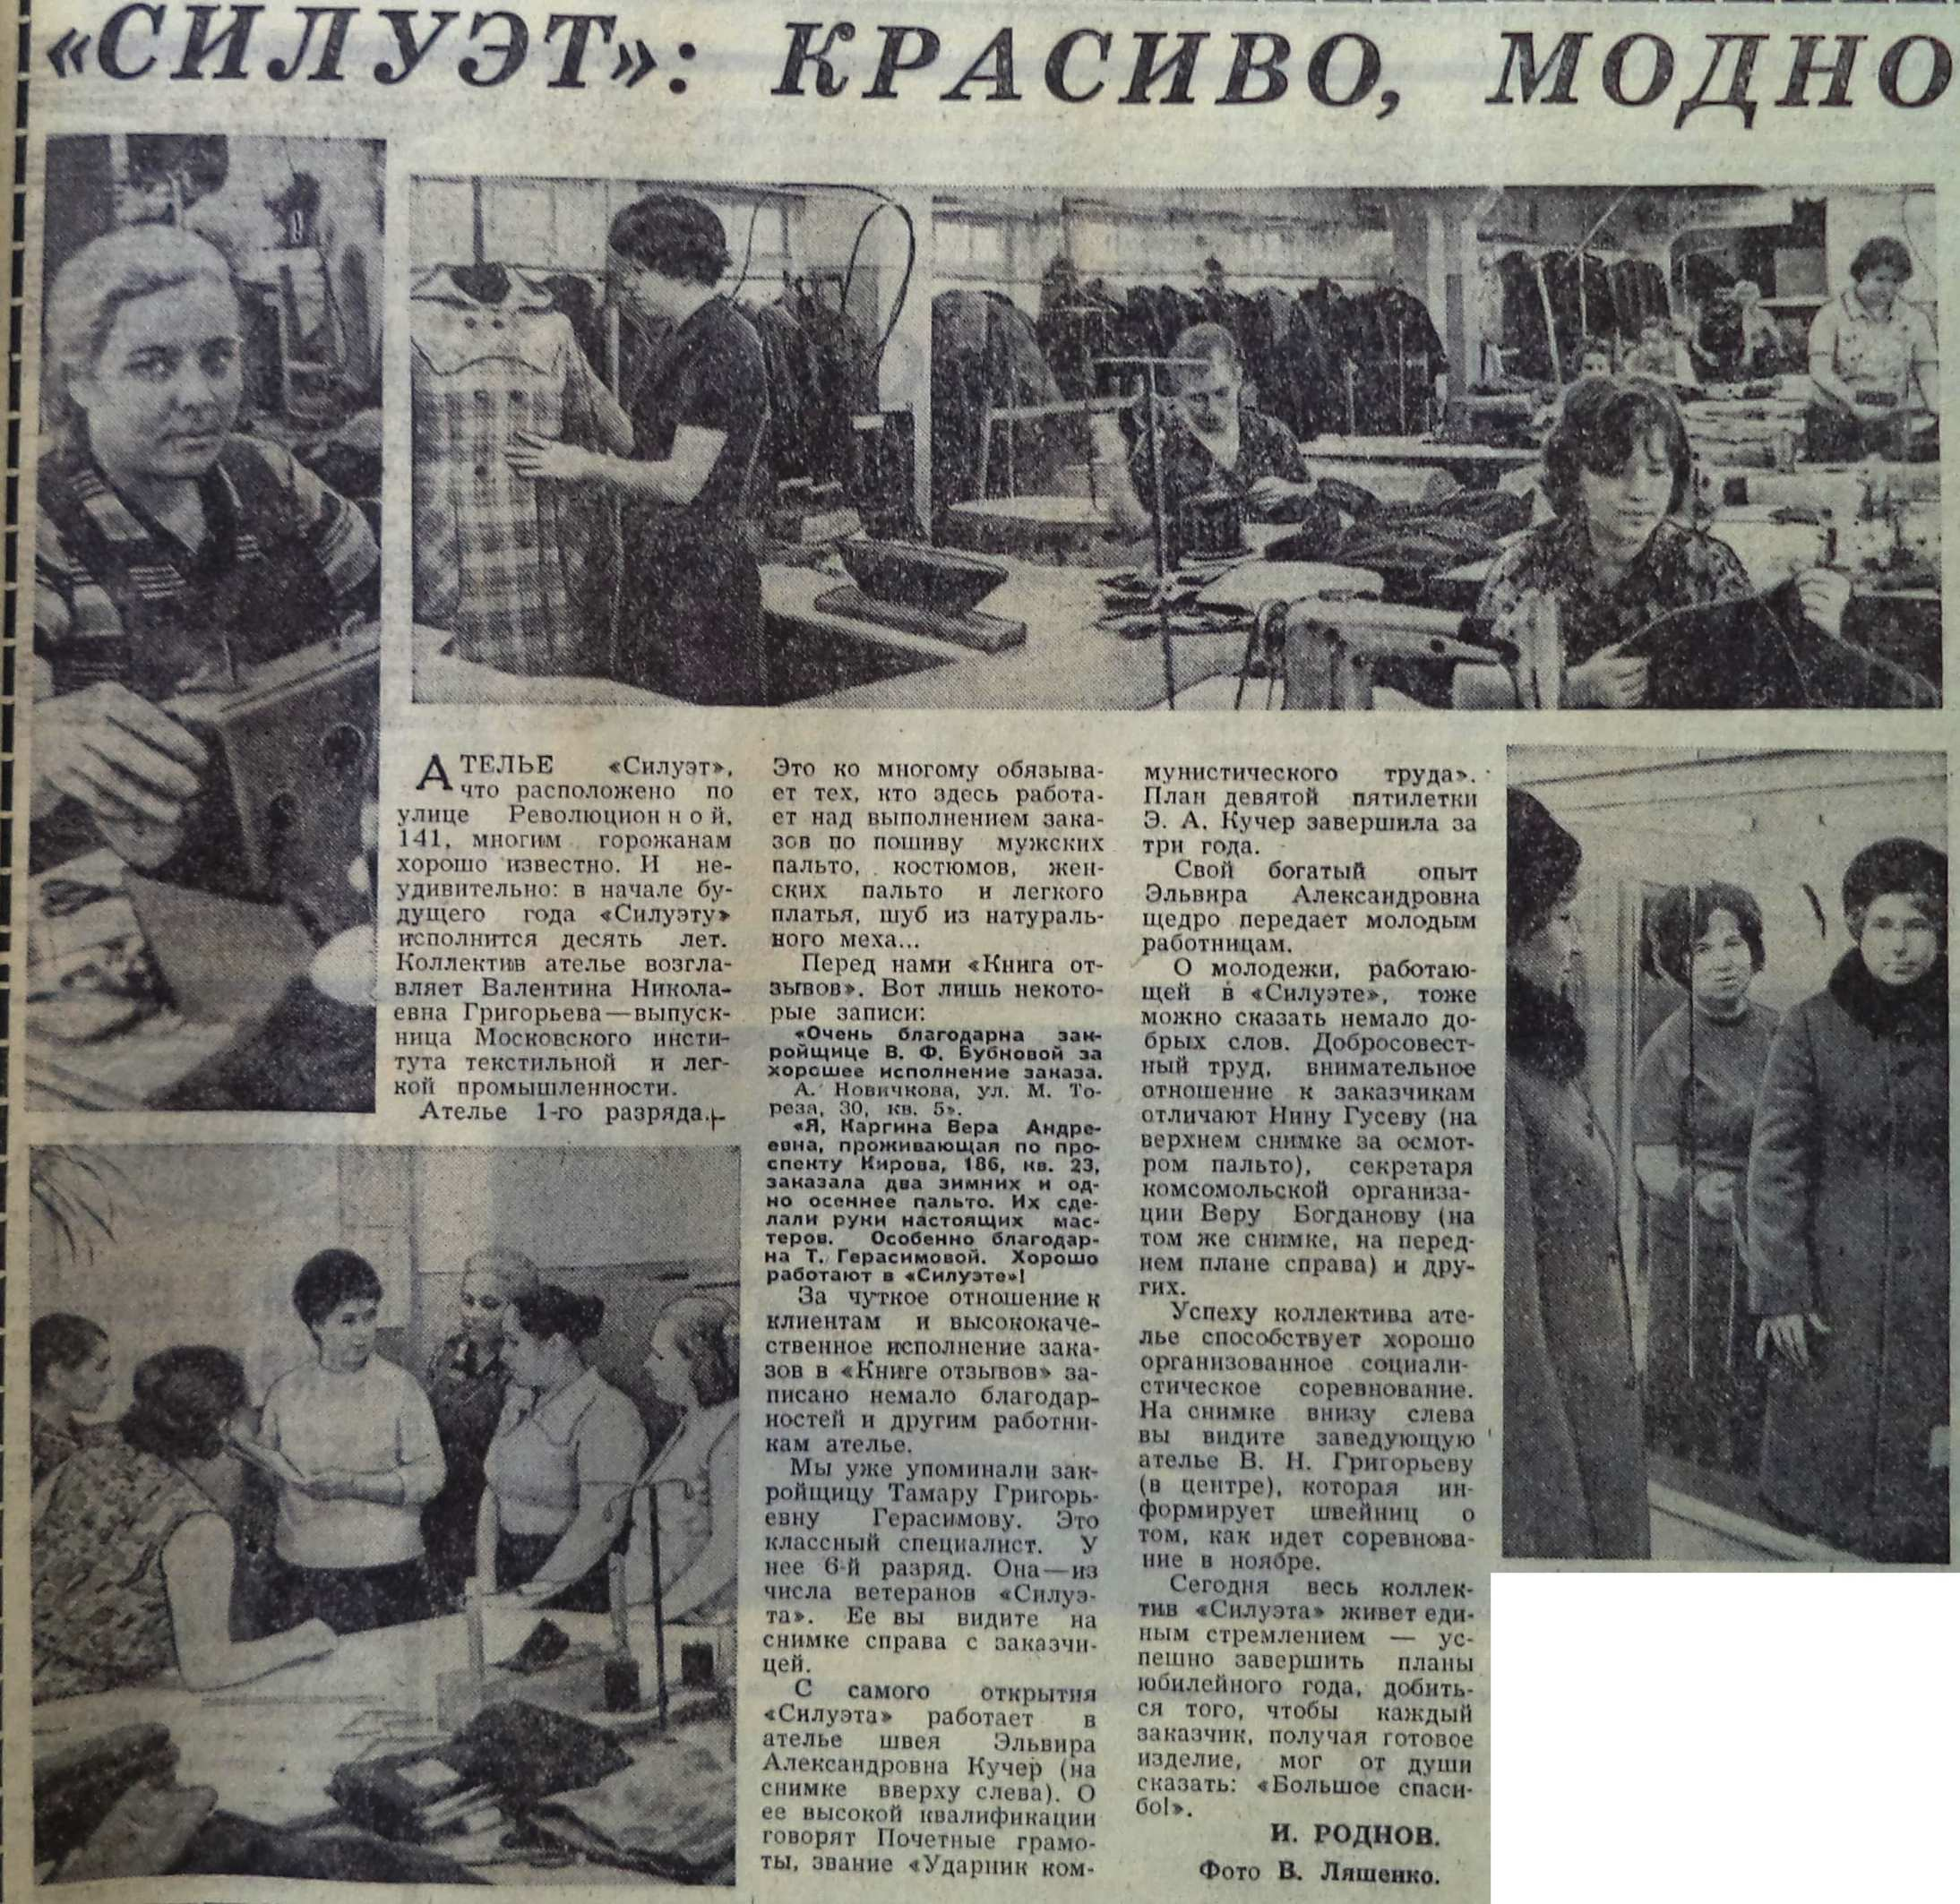 Революционная-ФОТО-64-ВЗя-1977-11-25-об ателье Силуэт по Револ.-141-min